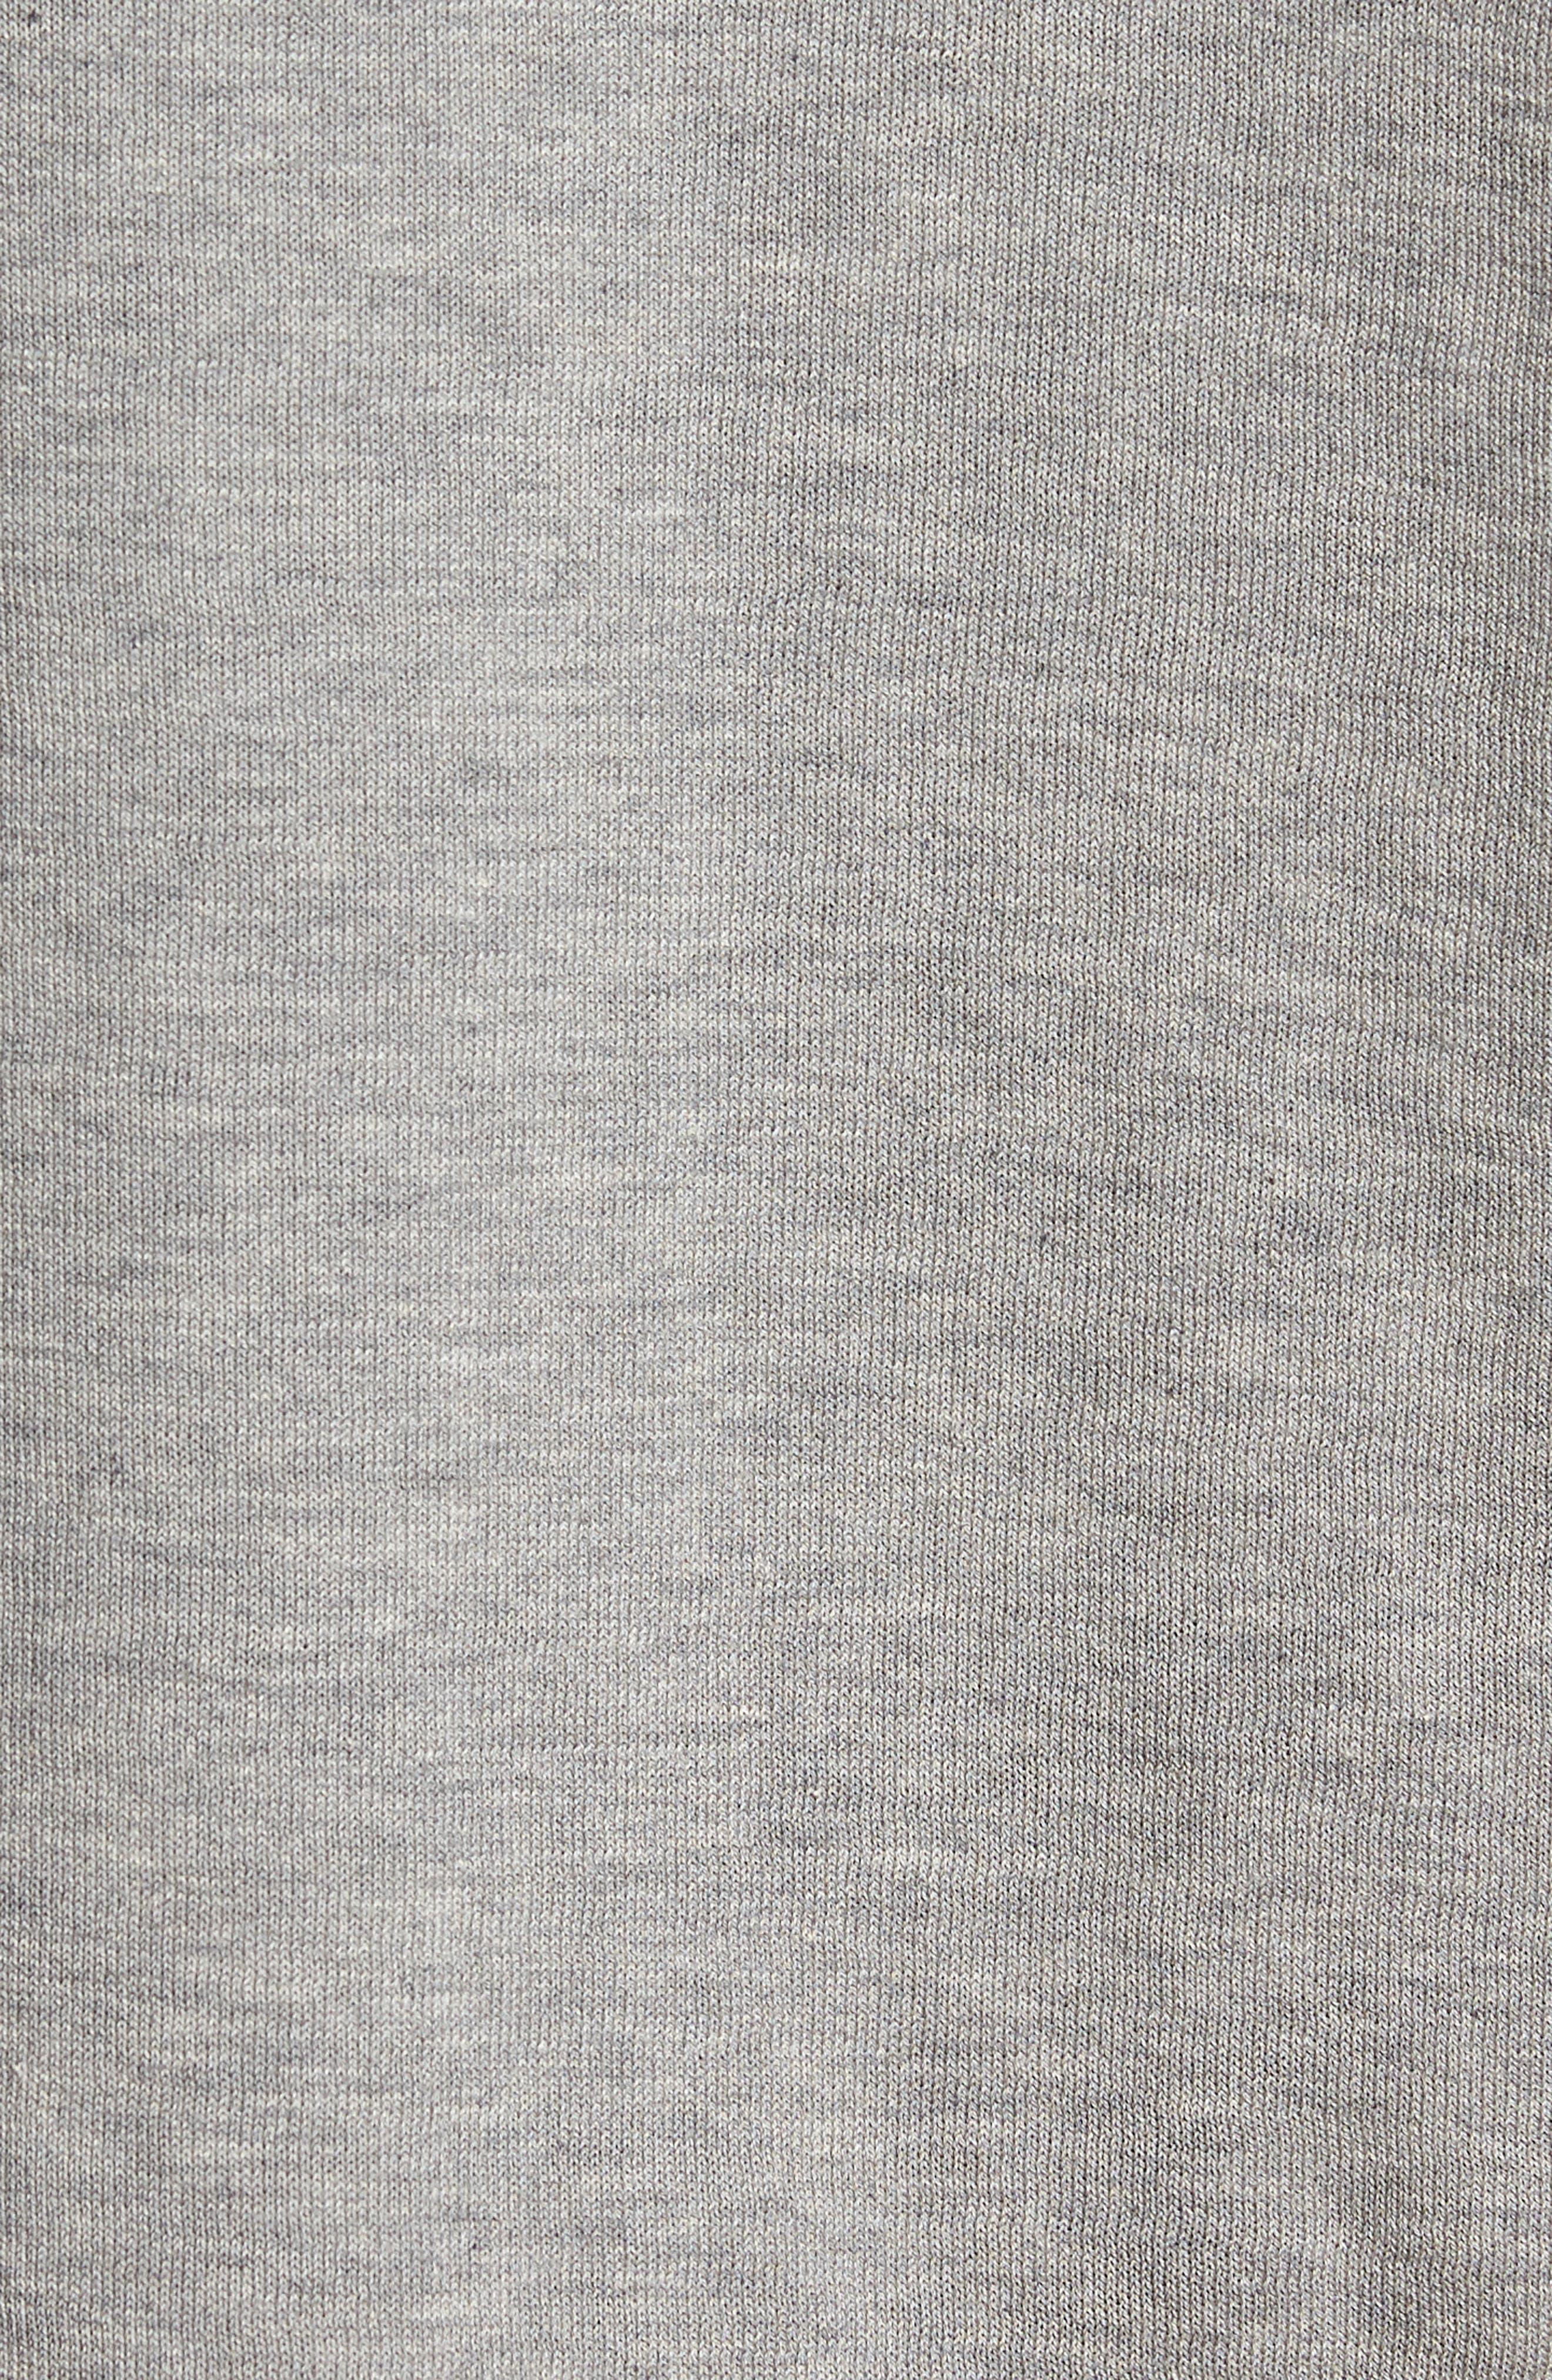 Fresco Crewneck Cotton T-Shirt,                             Alternate thumbnail 5, color,                             021